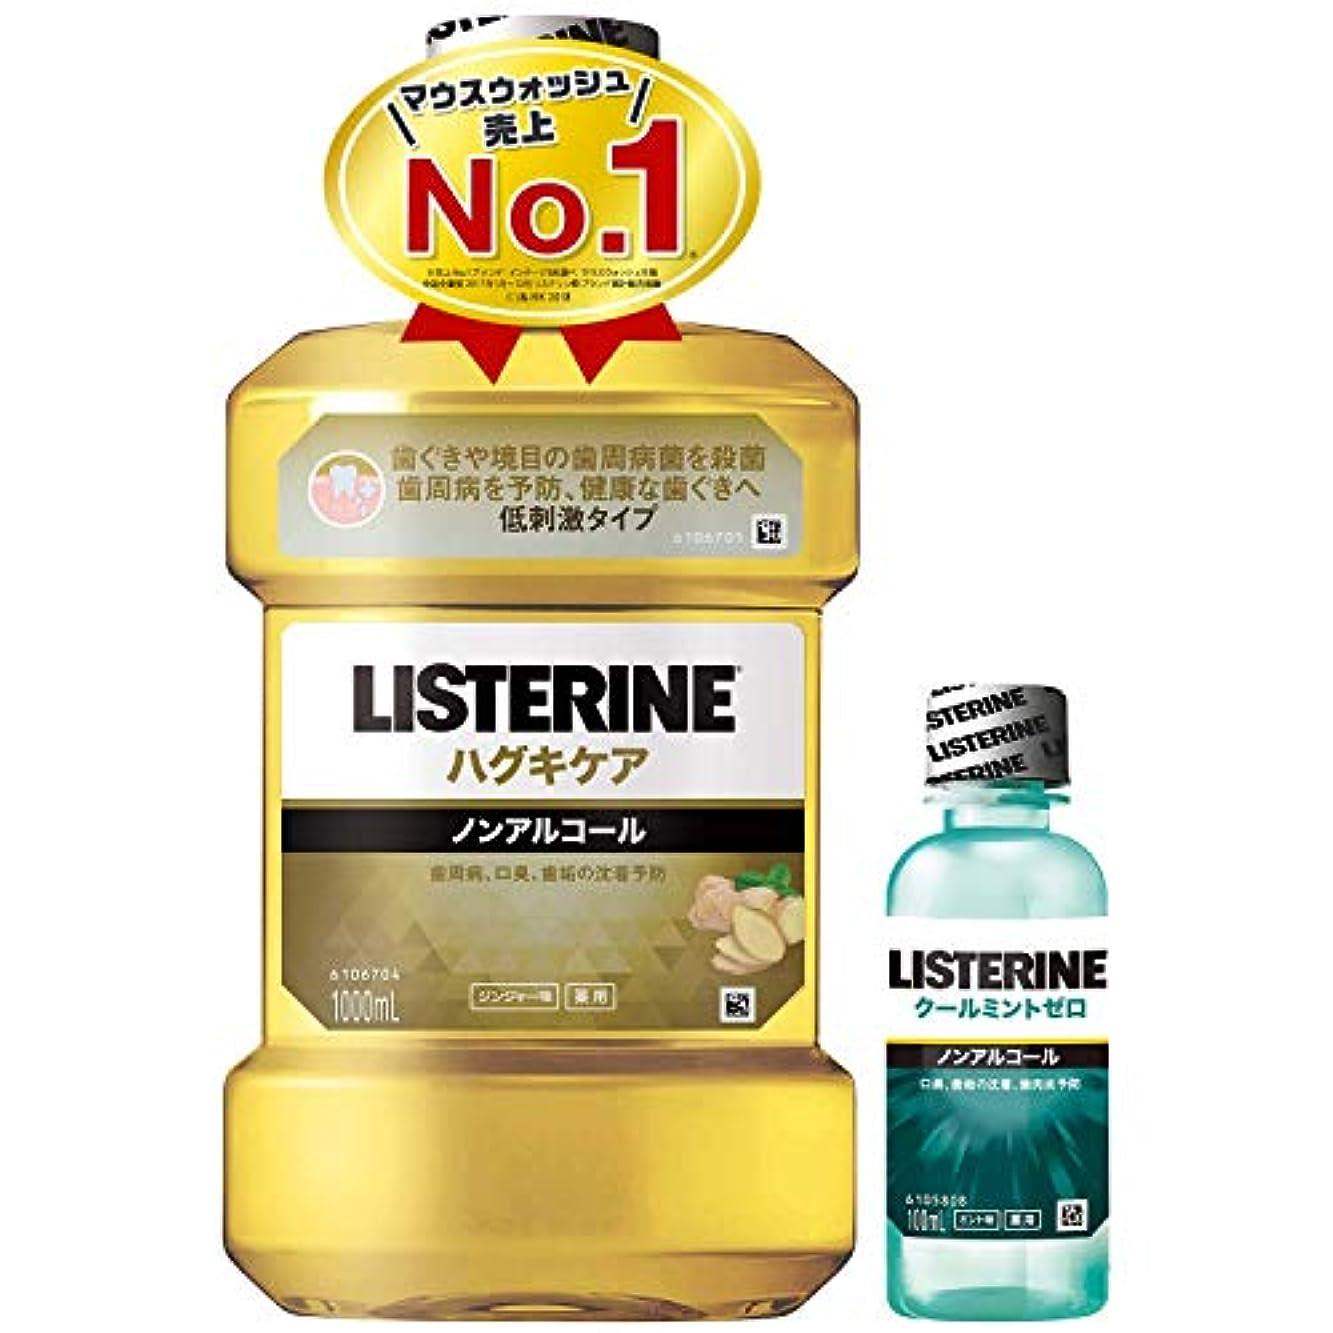 任命するアナログレトルト[医薬部外品] 薬用 LISTERINE(リステリン) マウスウォッシュ ハグキケア 1000mL + おまけつき